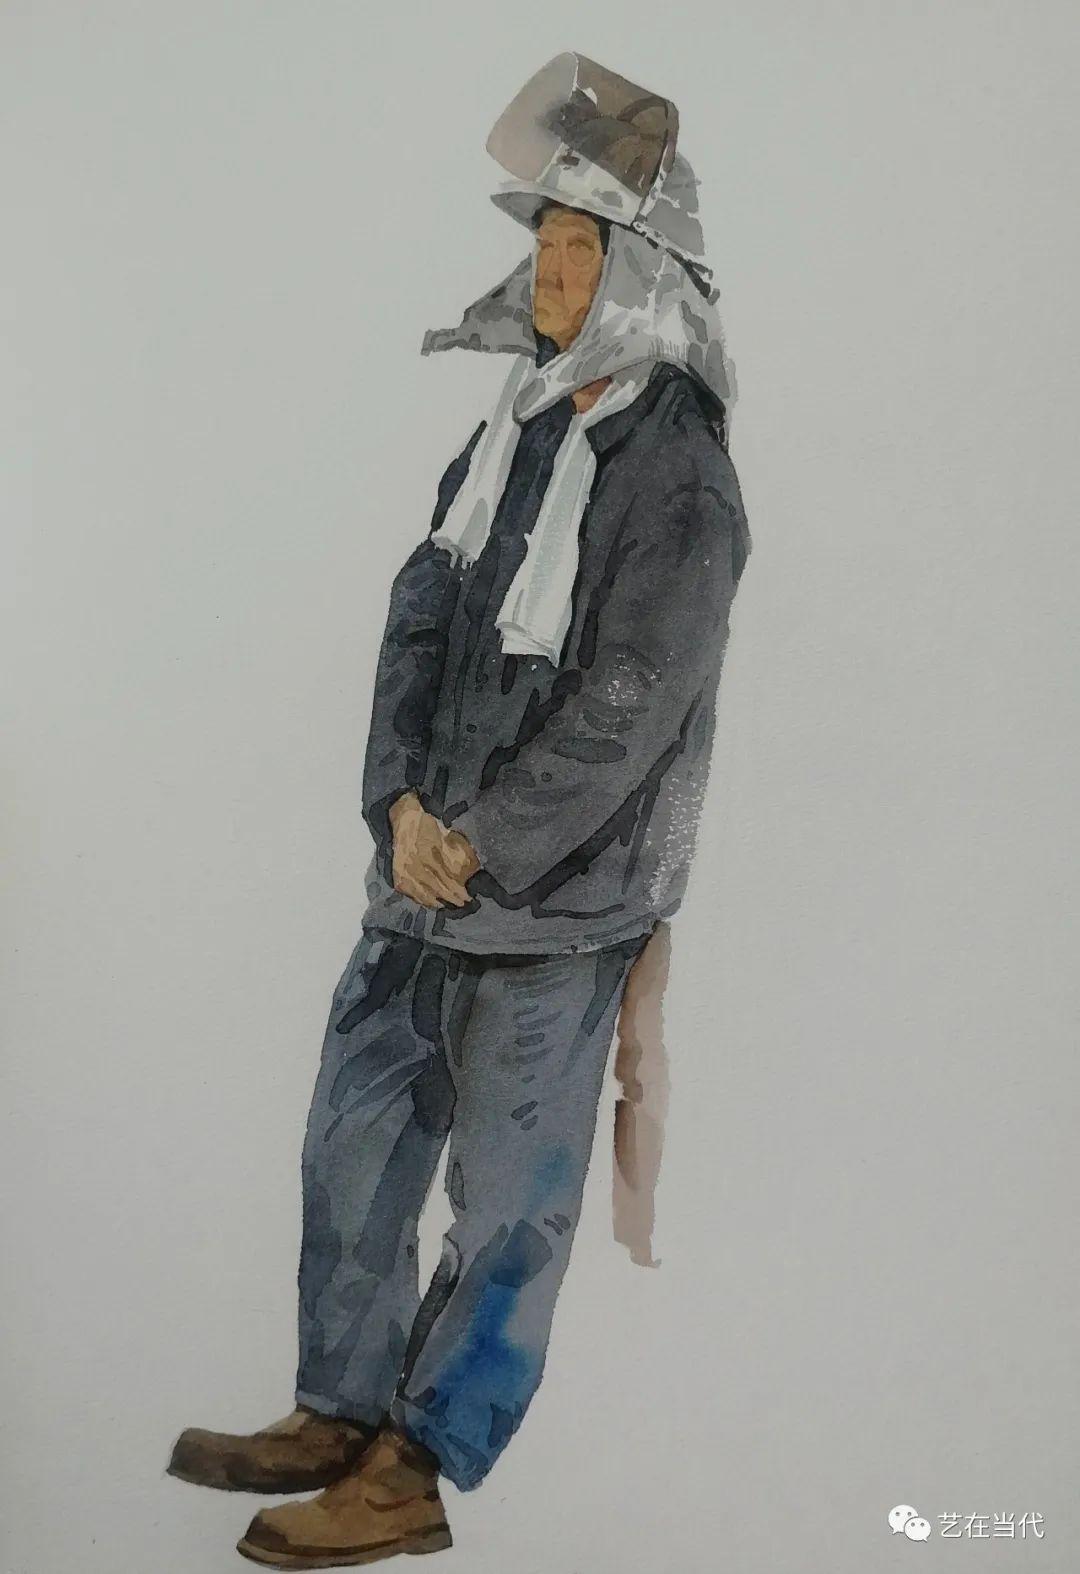 推荐画家| 苏雅拉图 第14张 推荐画家| 苏雅拉图 蒙古画廊